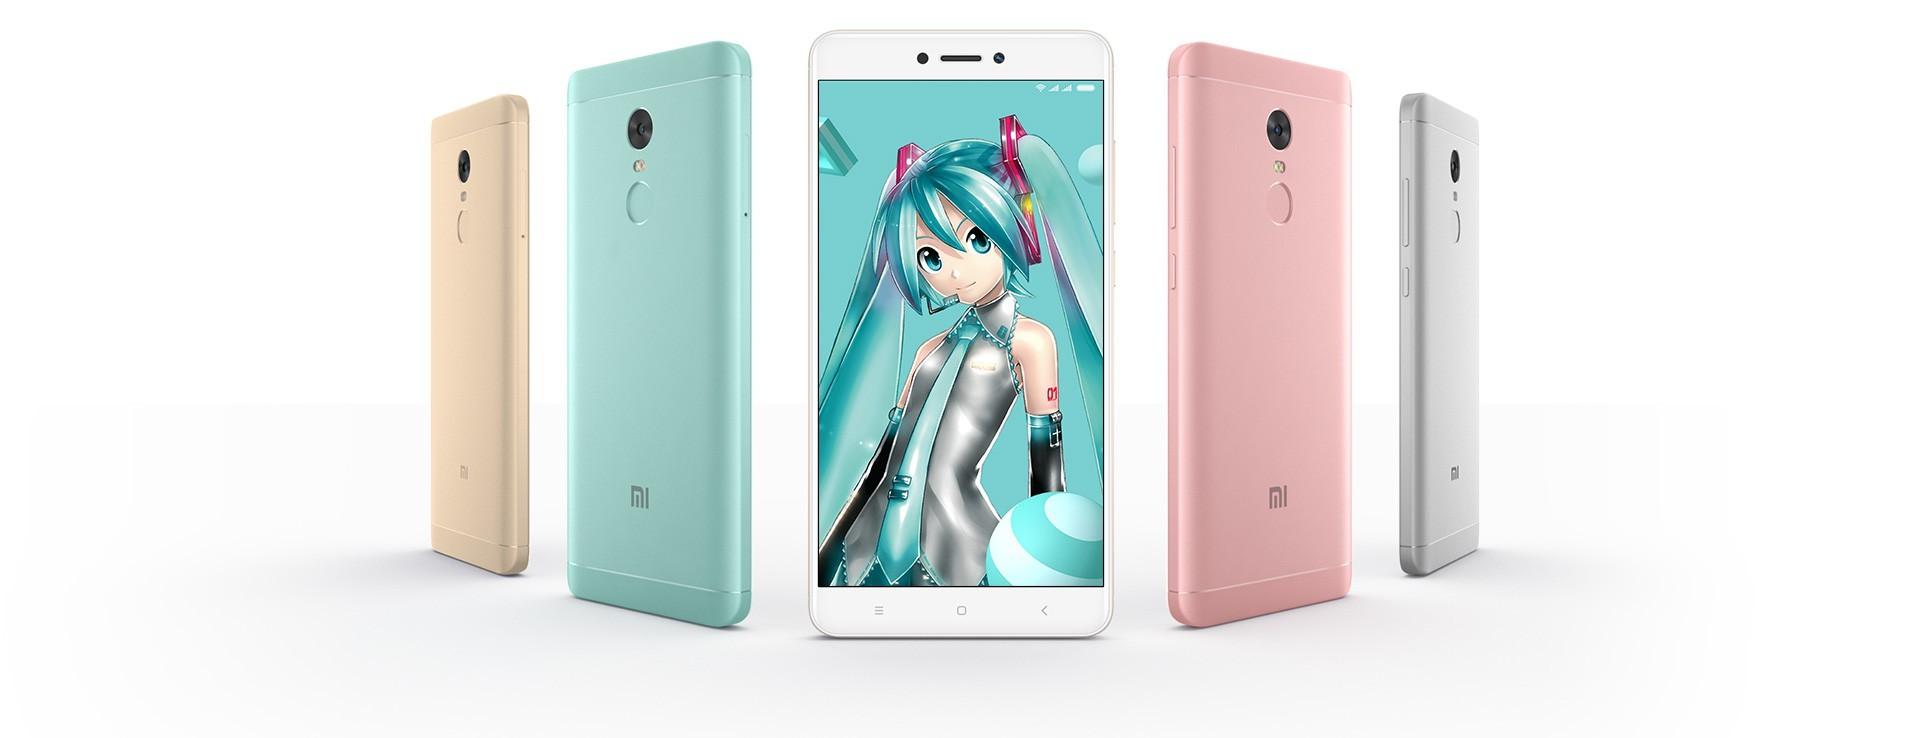 红米Note 4X初音未来